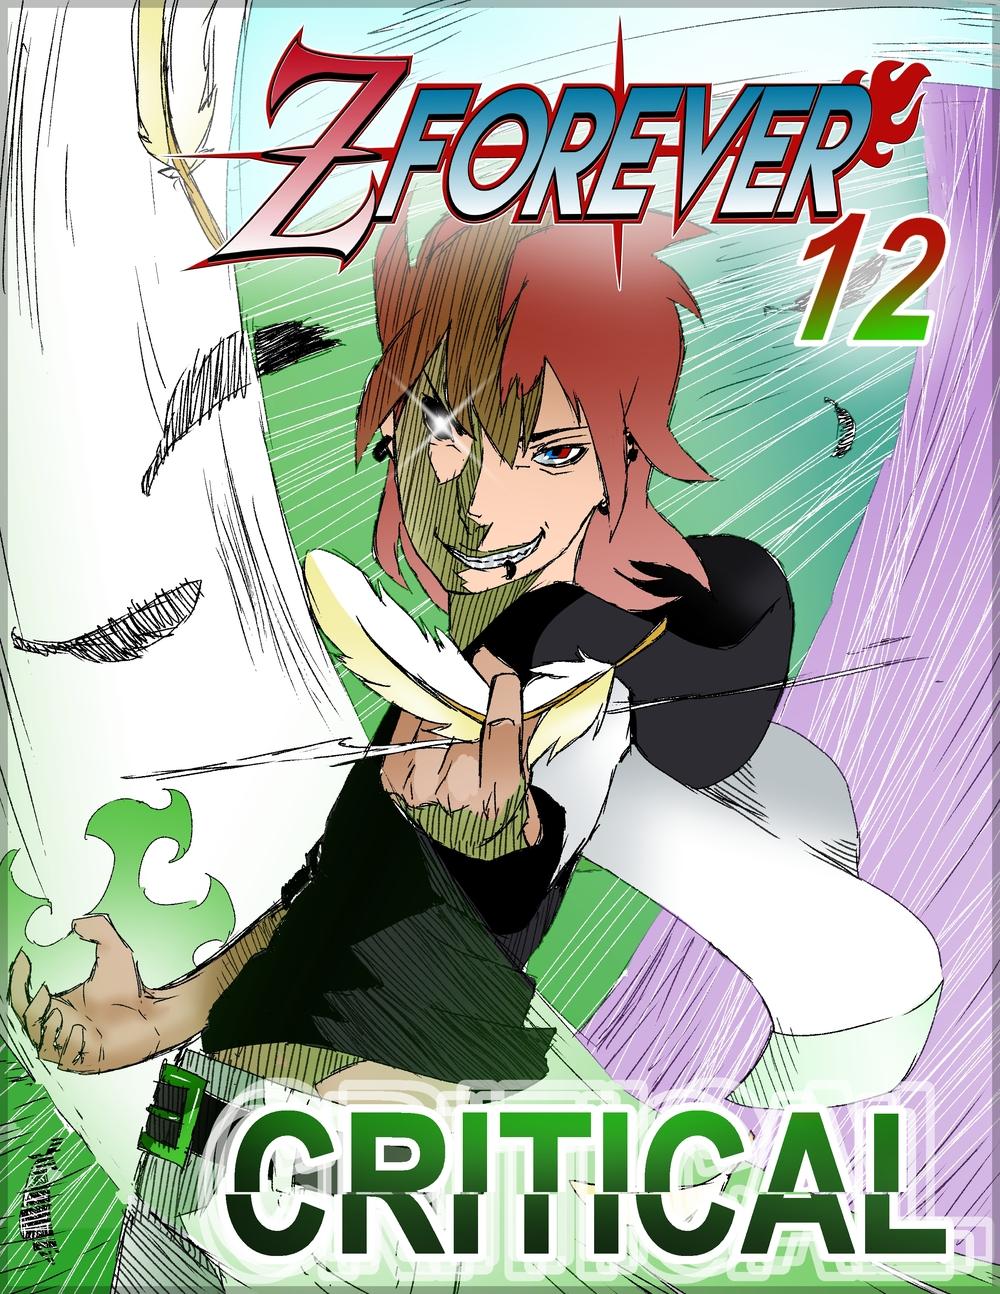 4 (Cover).jpg